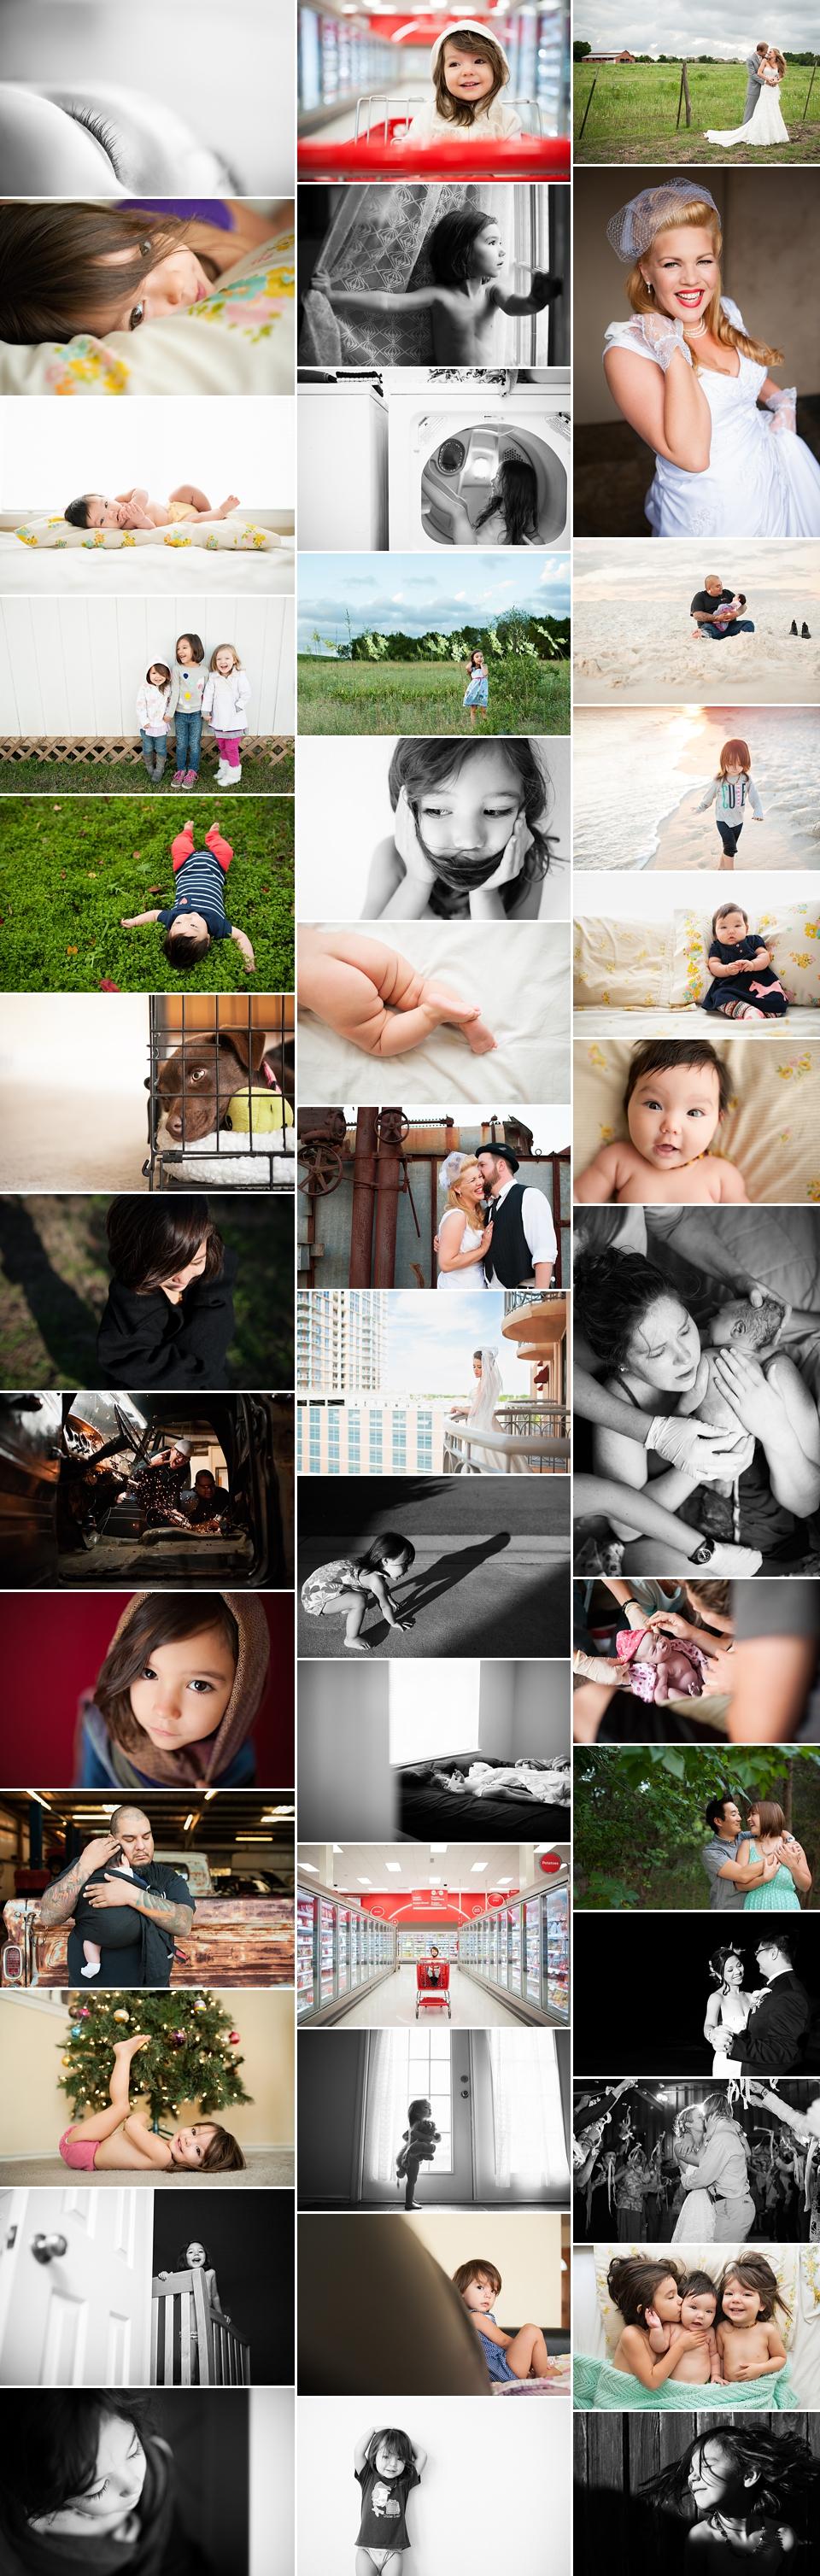 2013-12-27_00041.jpg